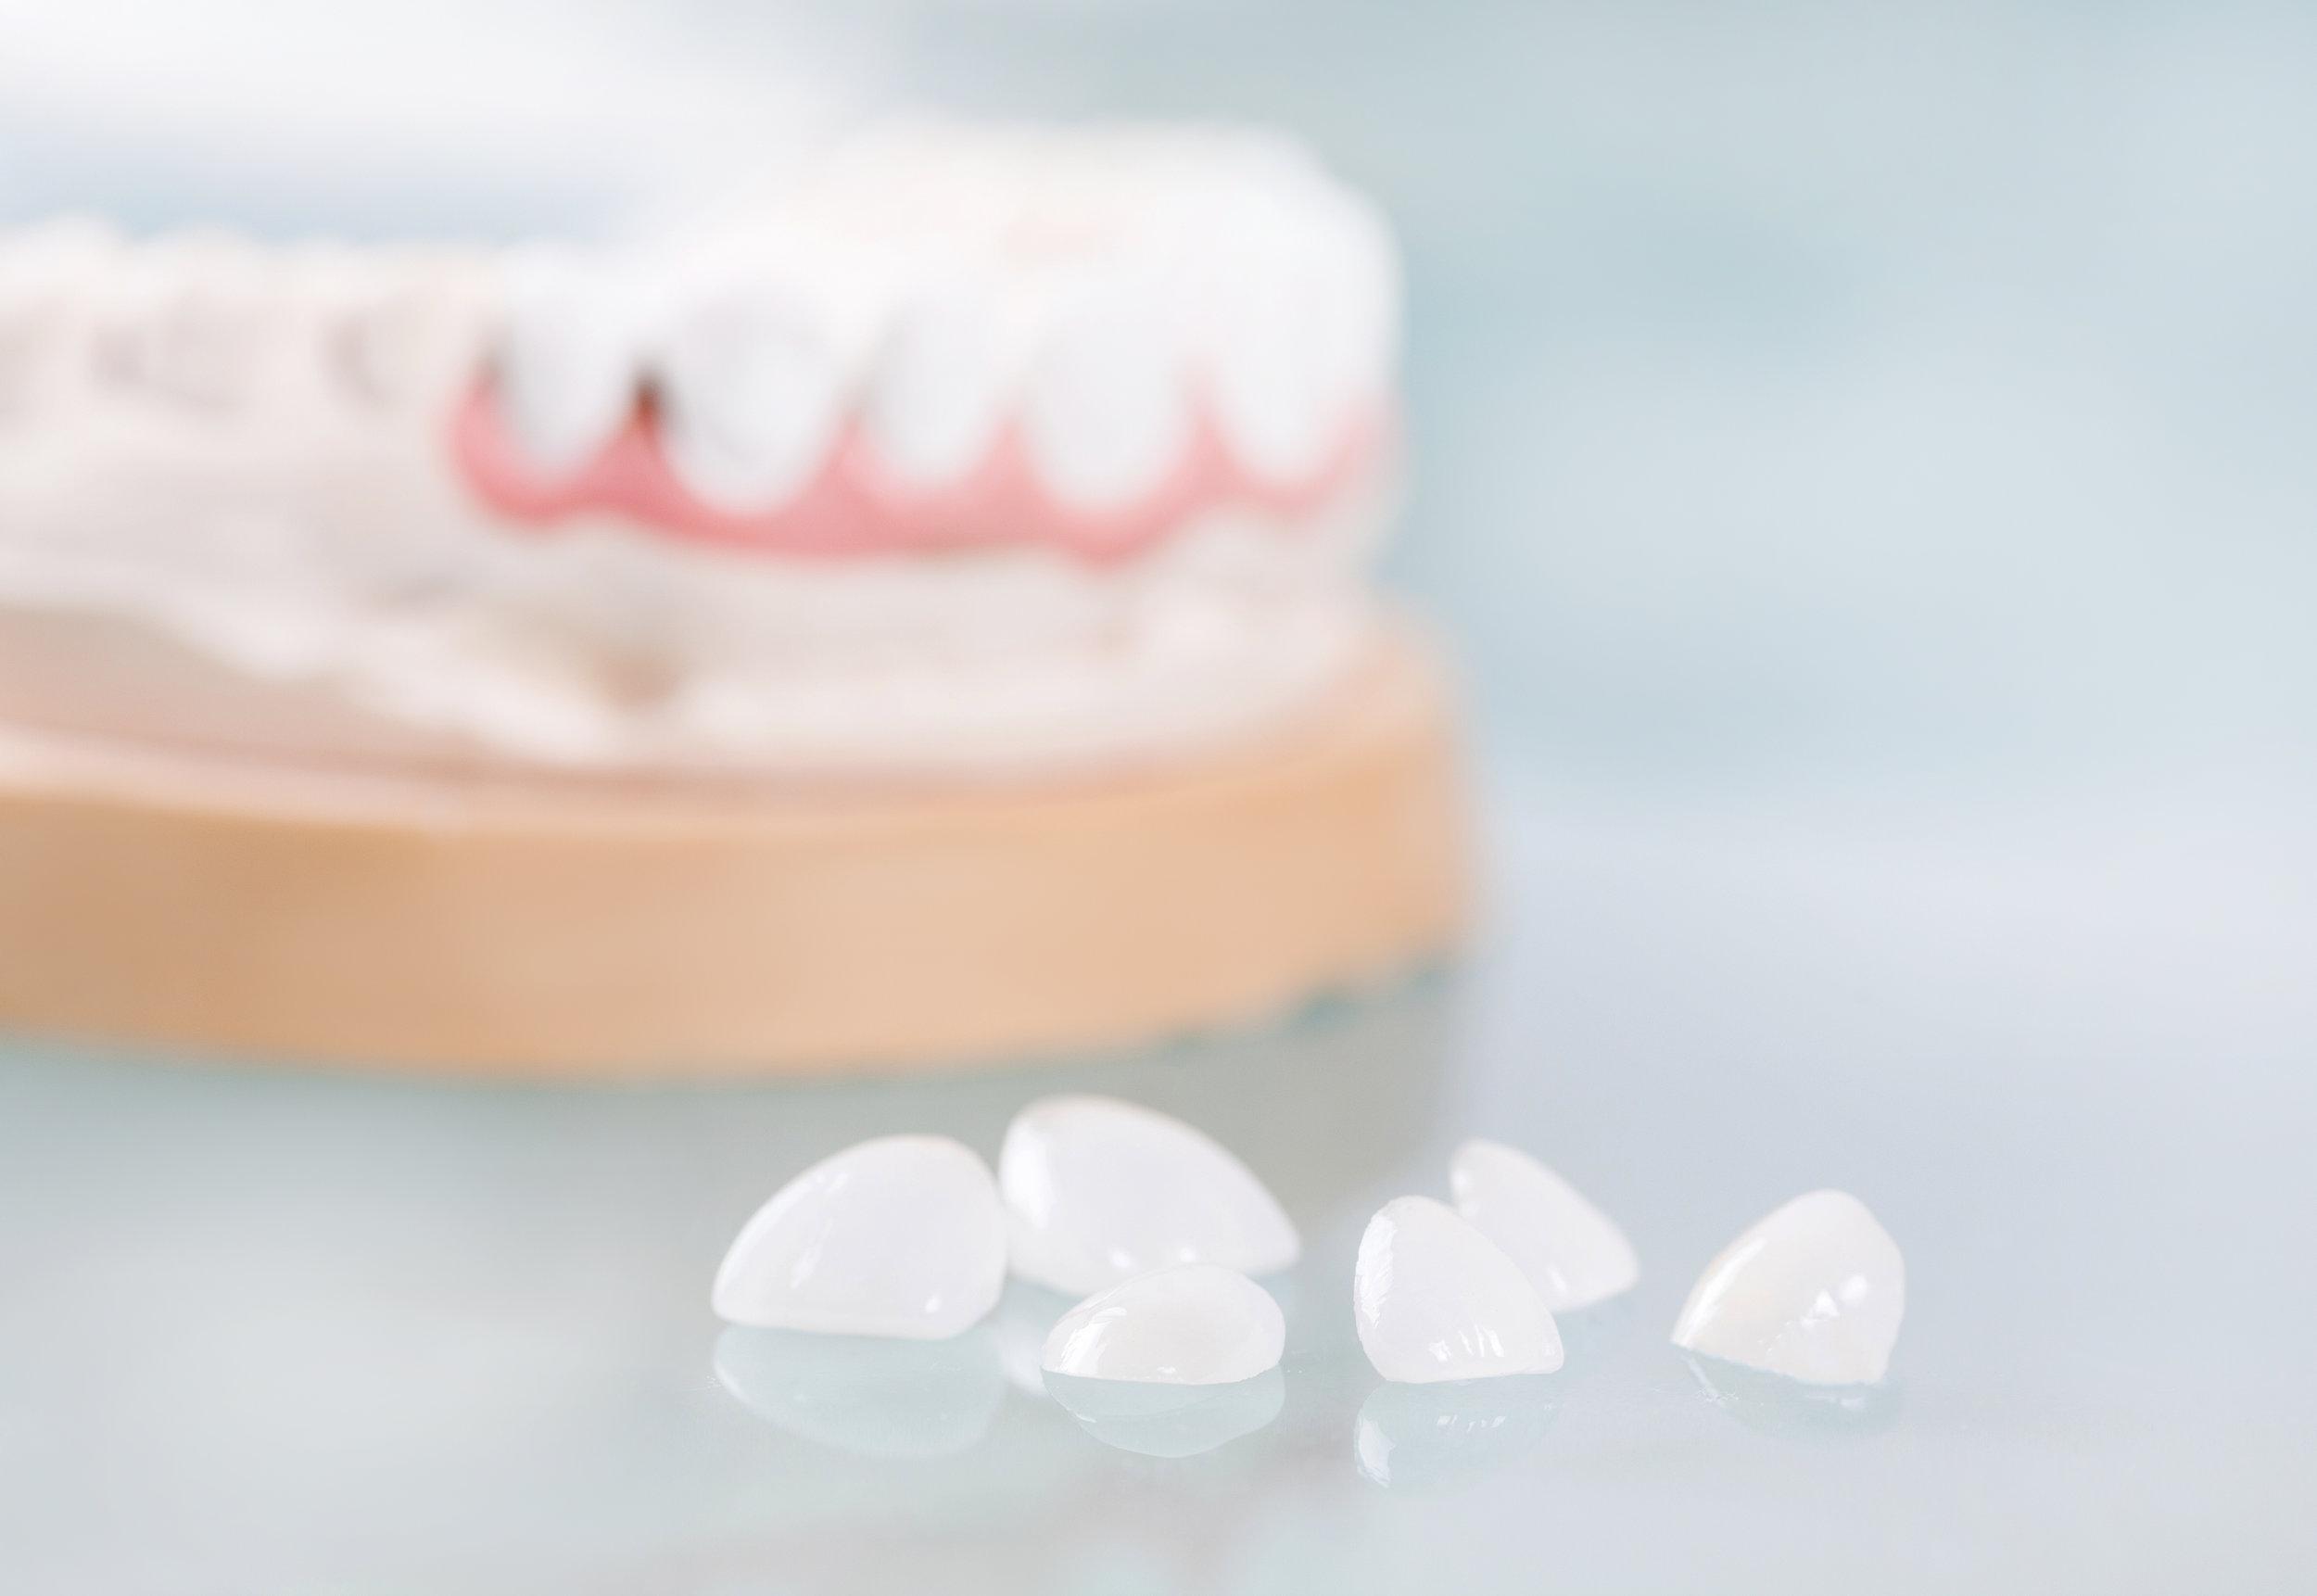 Porcelain Veneers - MAKING FLAWLESS SMILES POSSIBLE.